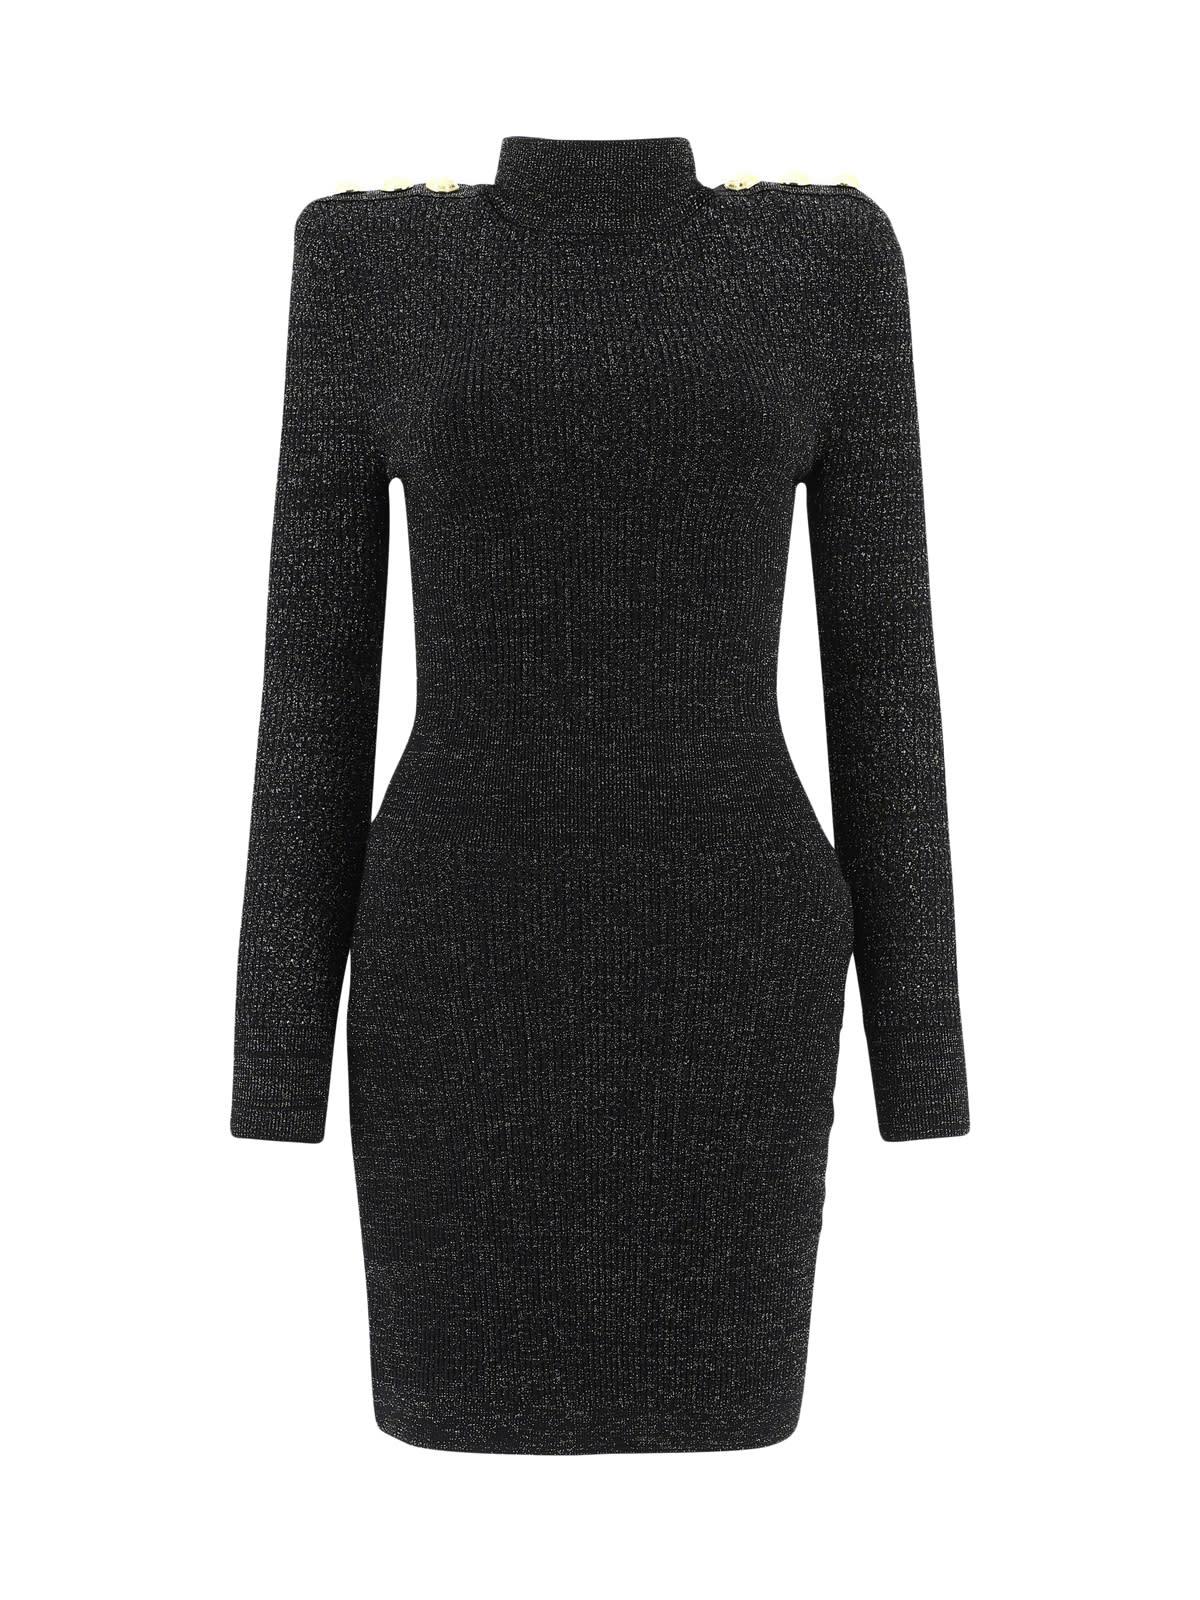 Balmain Short Ls High-neck Lurex Knit Dress